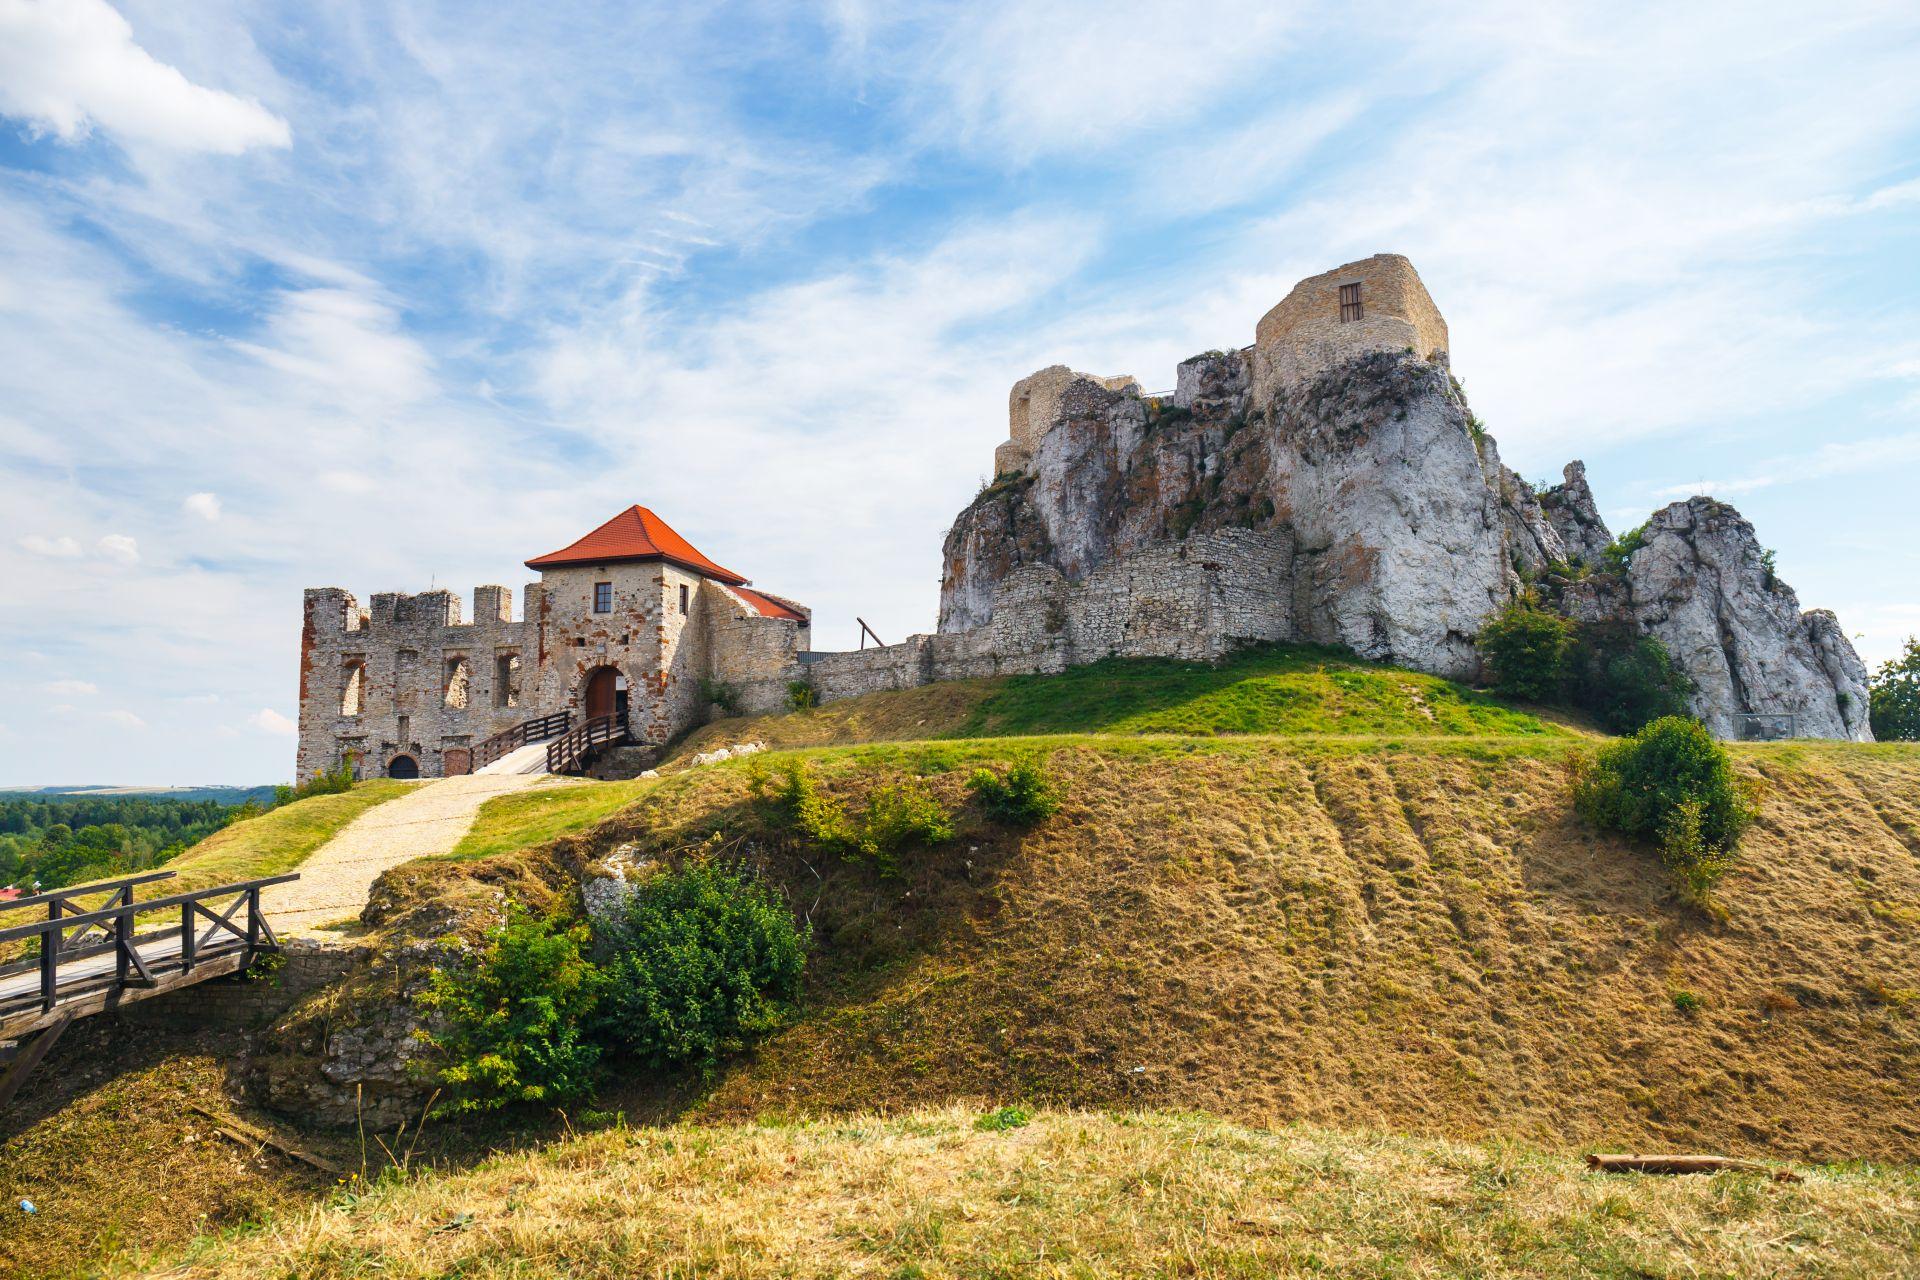 Rabsztyn Castle near Krakow, Poland